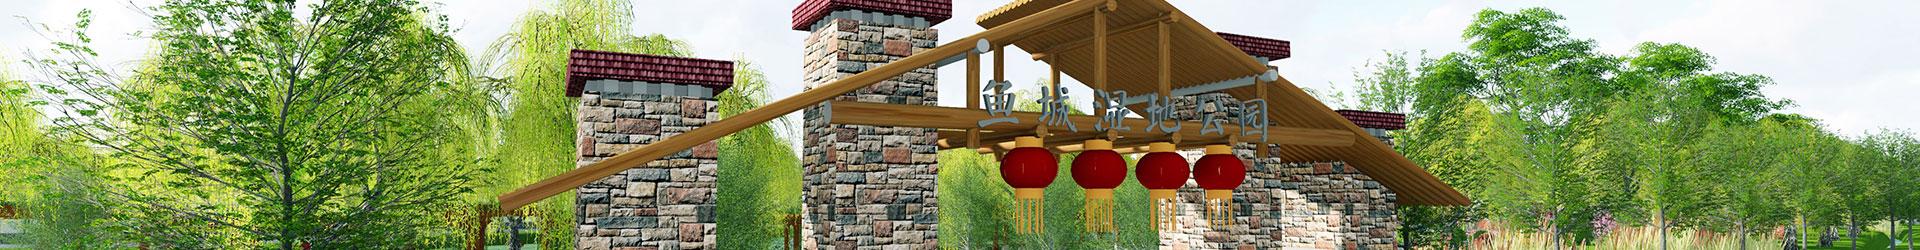 山东ballbet平台下载园林景观贝博哪里可以下载